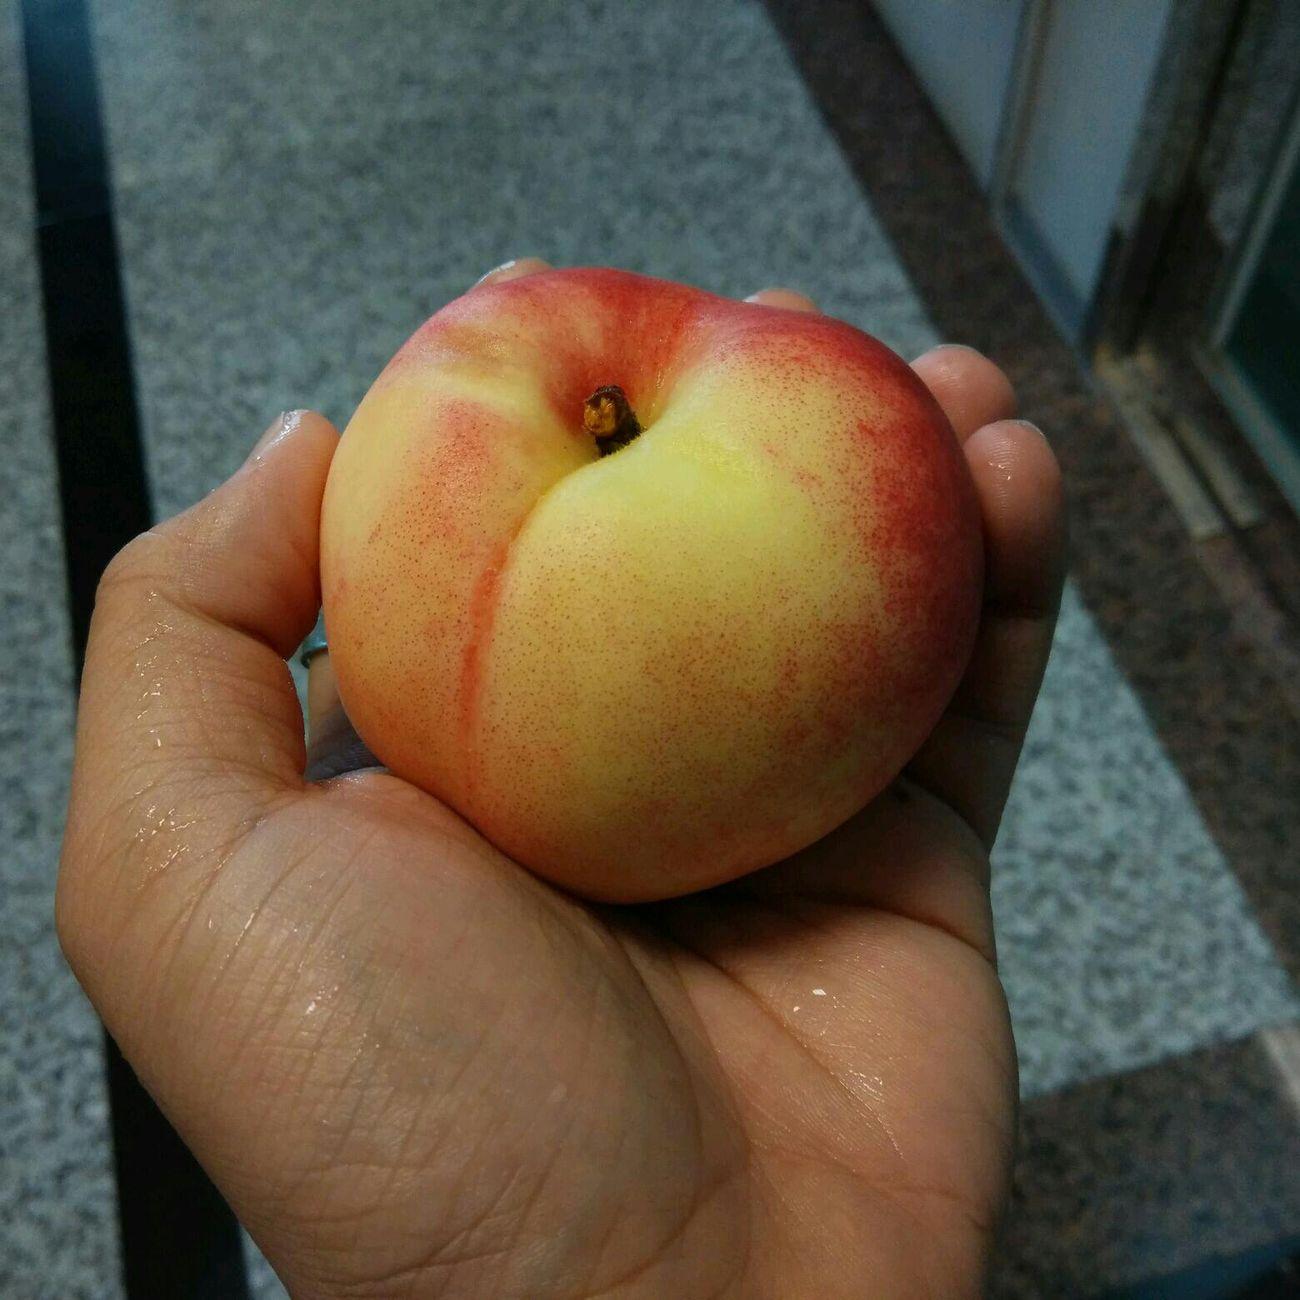 同事從拉拉山運回來的水蜜桃,好好吃唷 Food Fruit Sweet Life